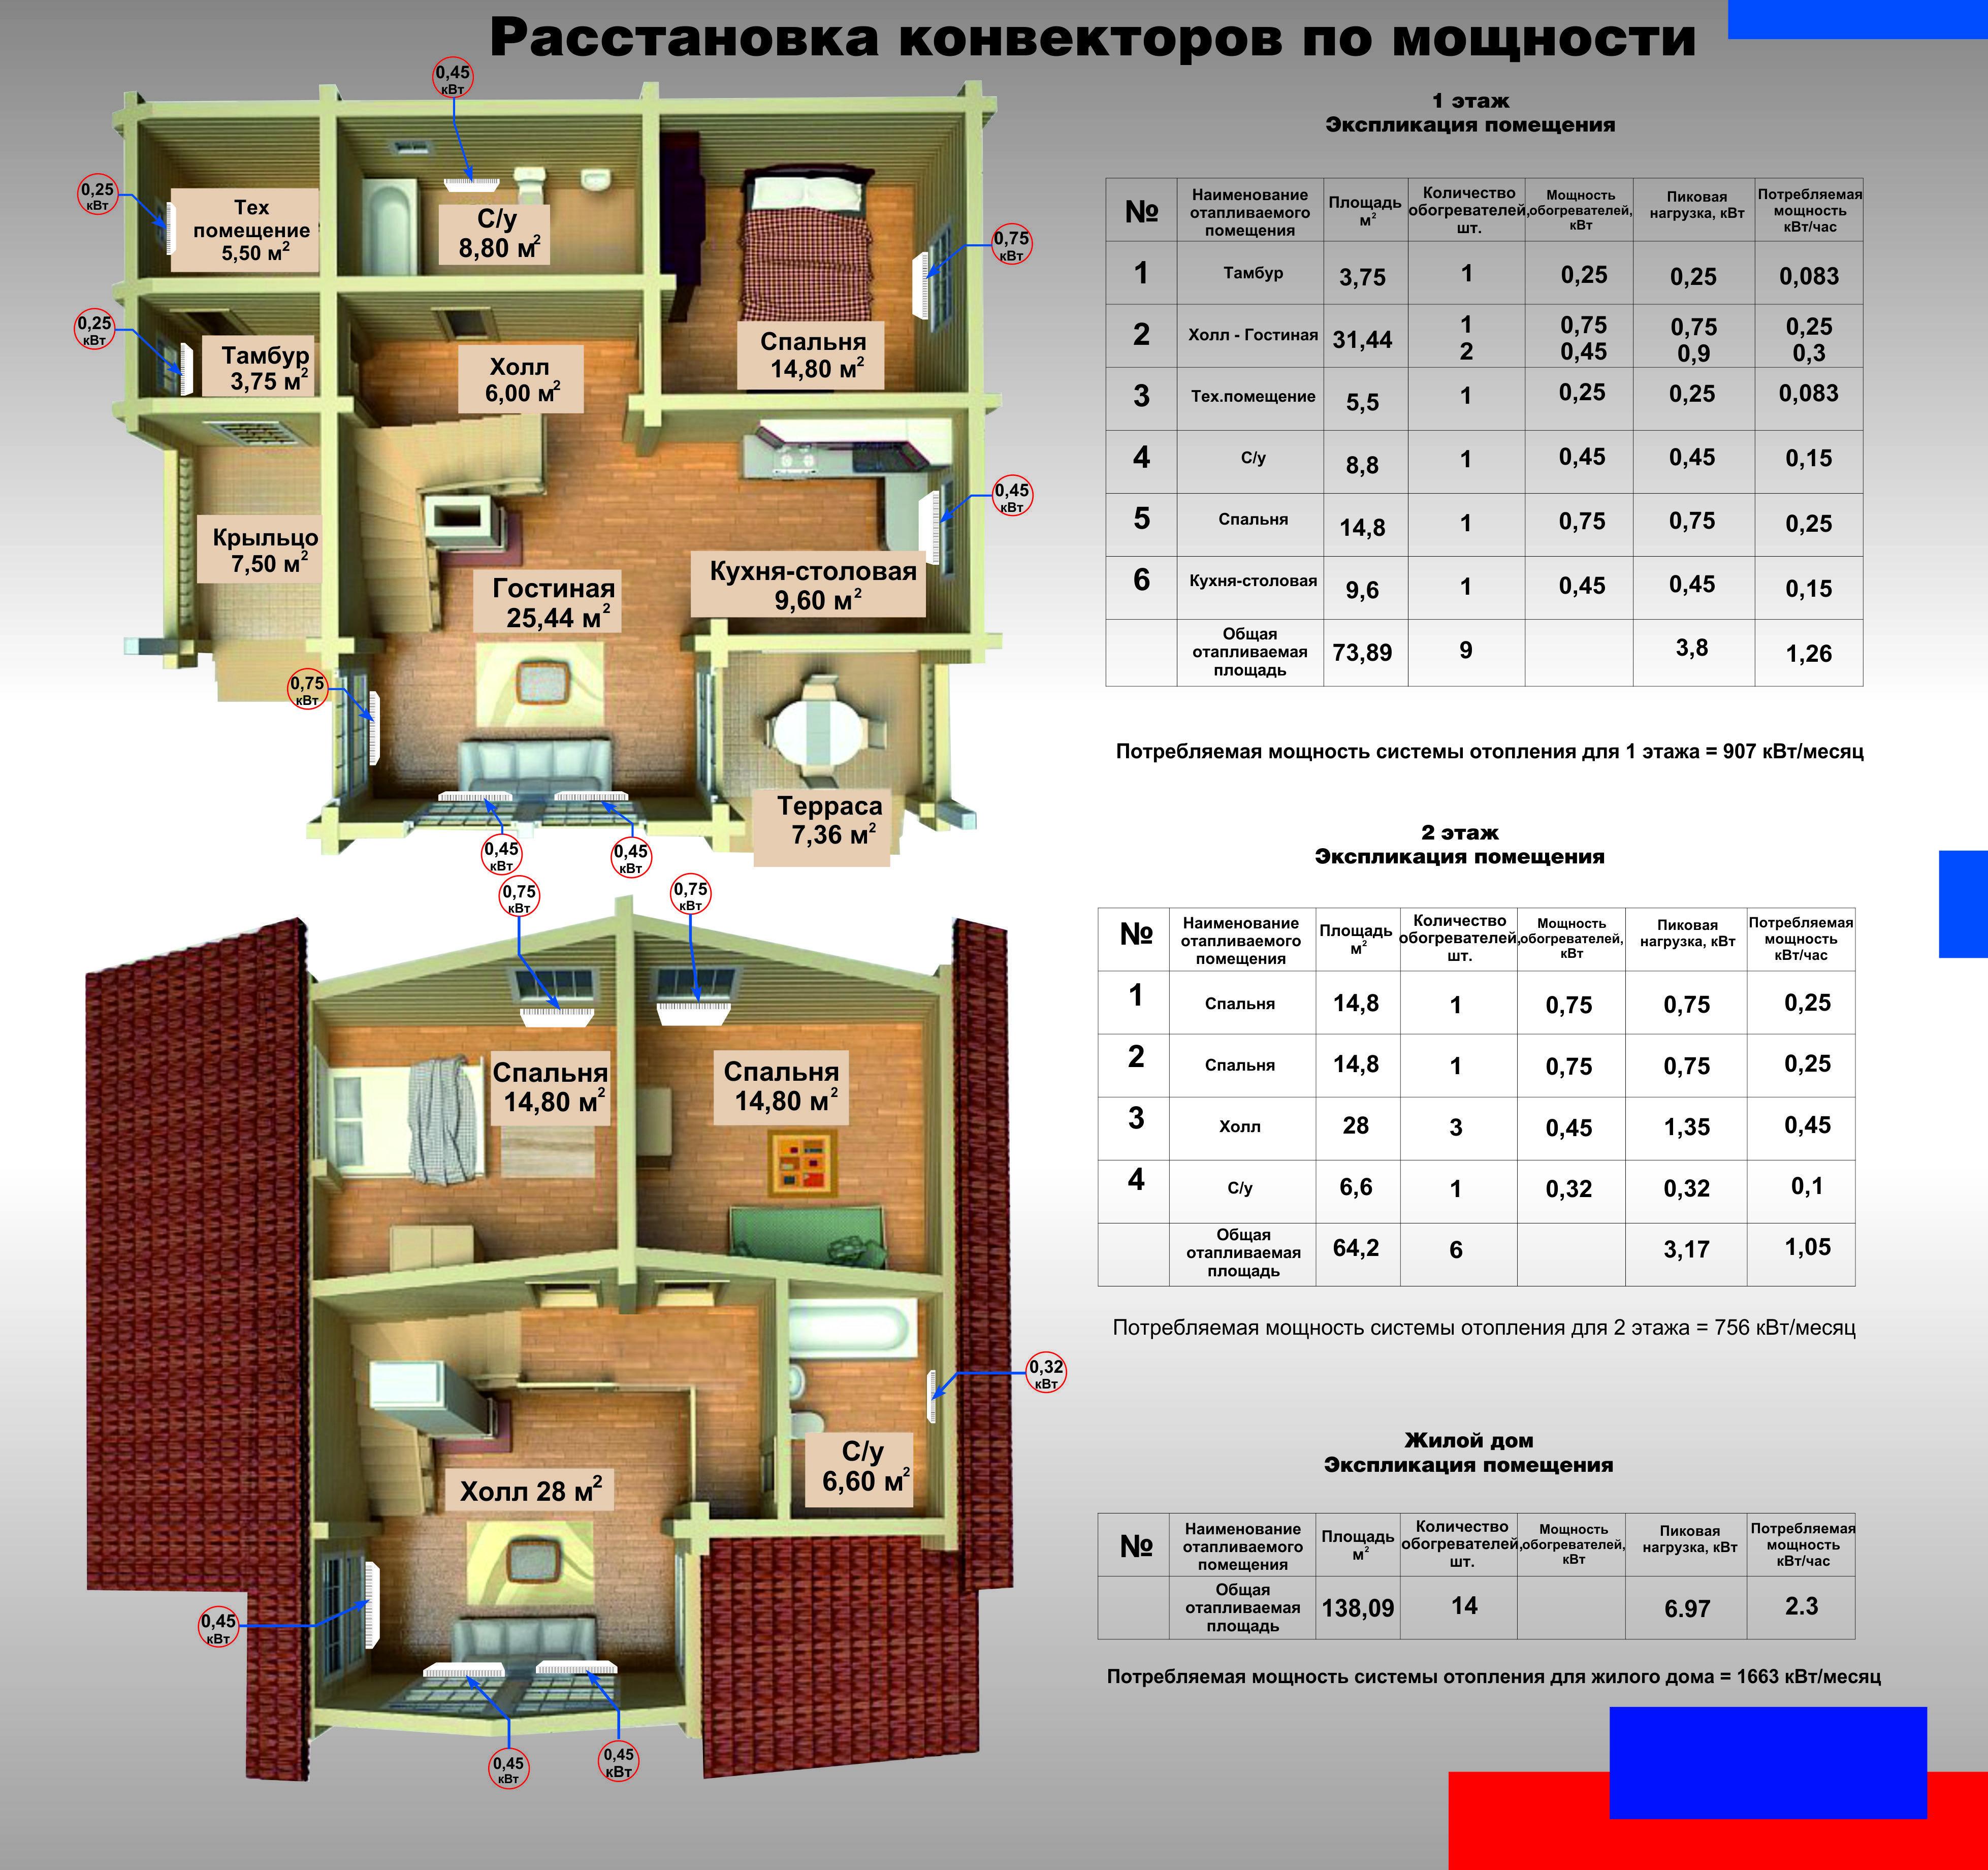 Как рассчитать мощность конвектора по площади или объему помещения: способы вычислений